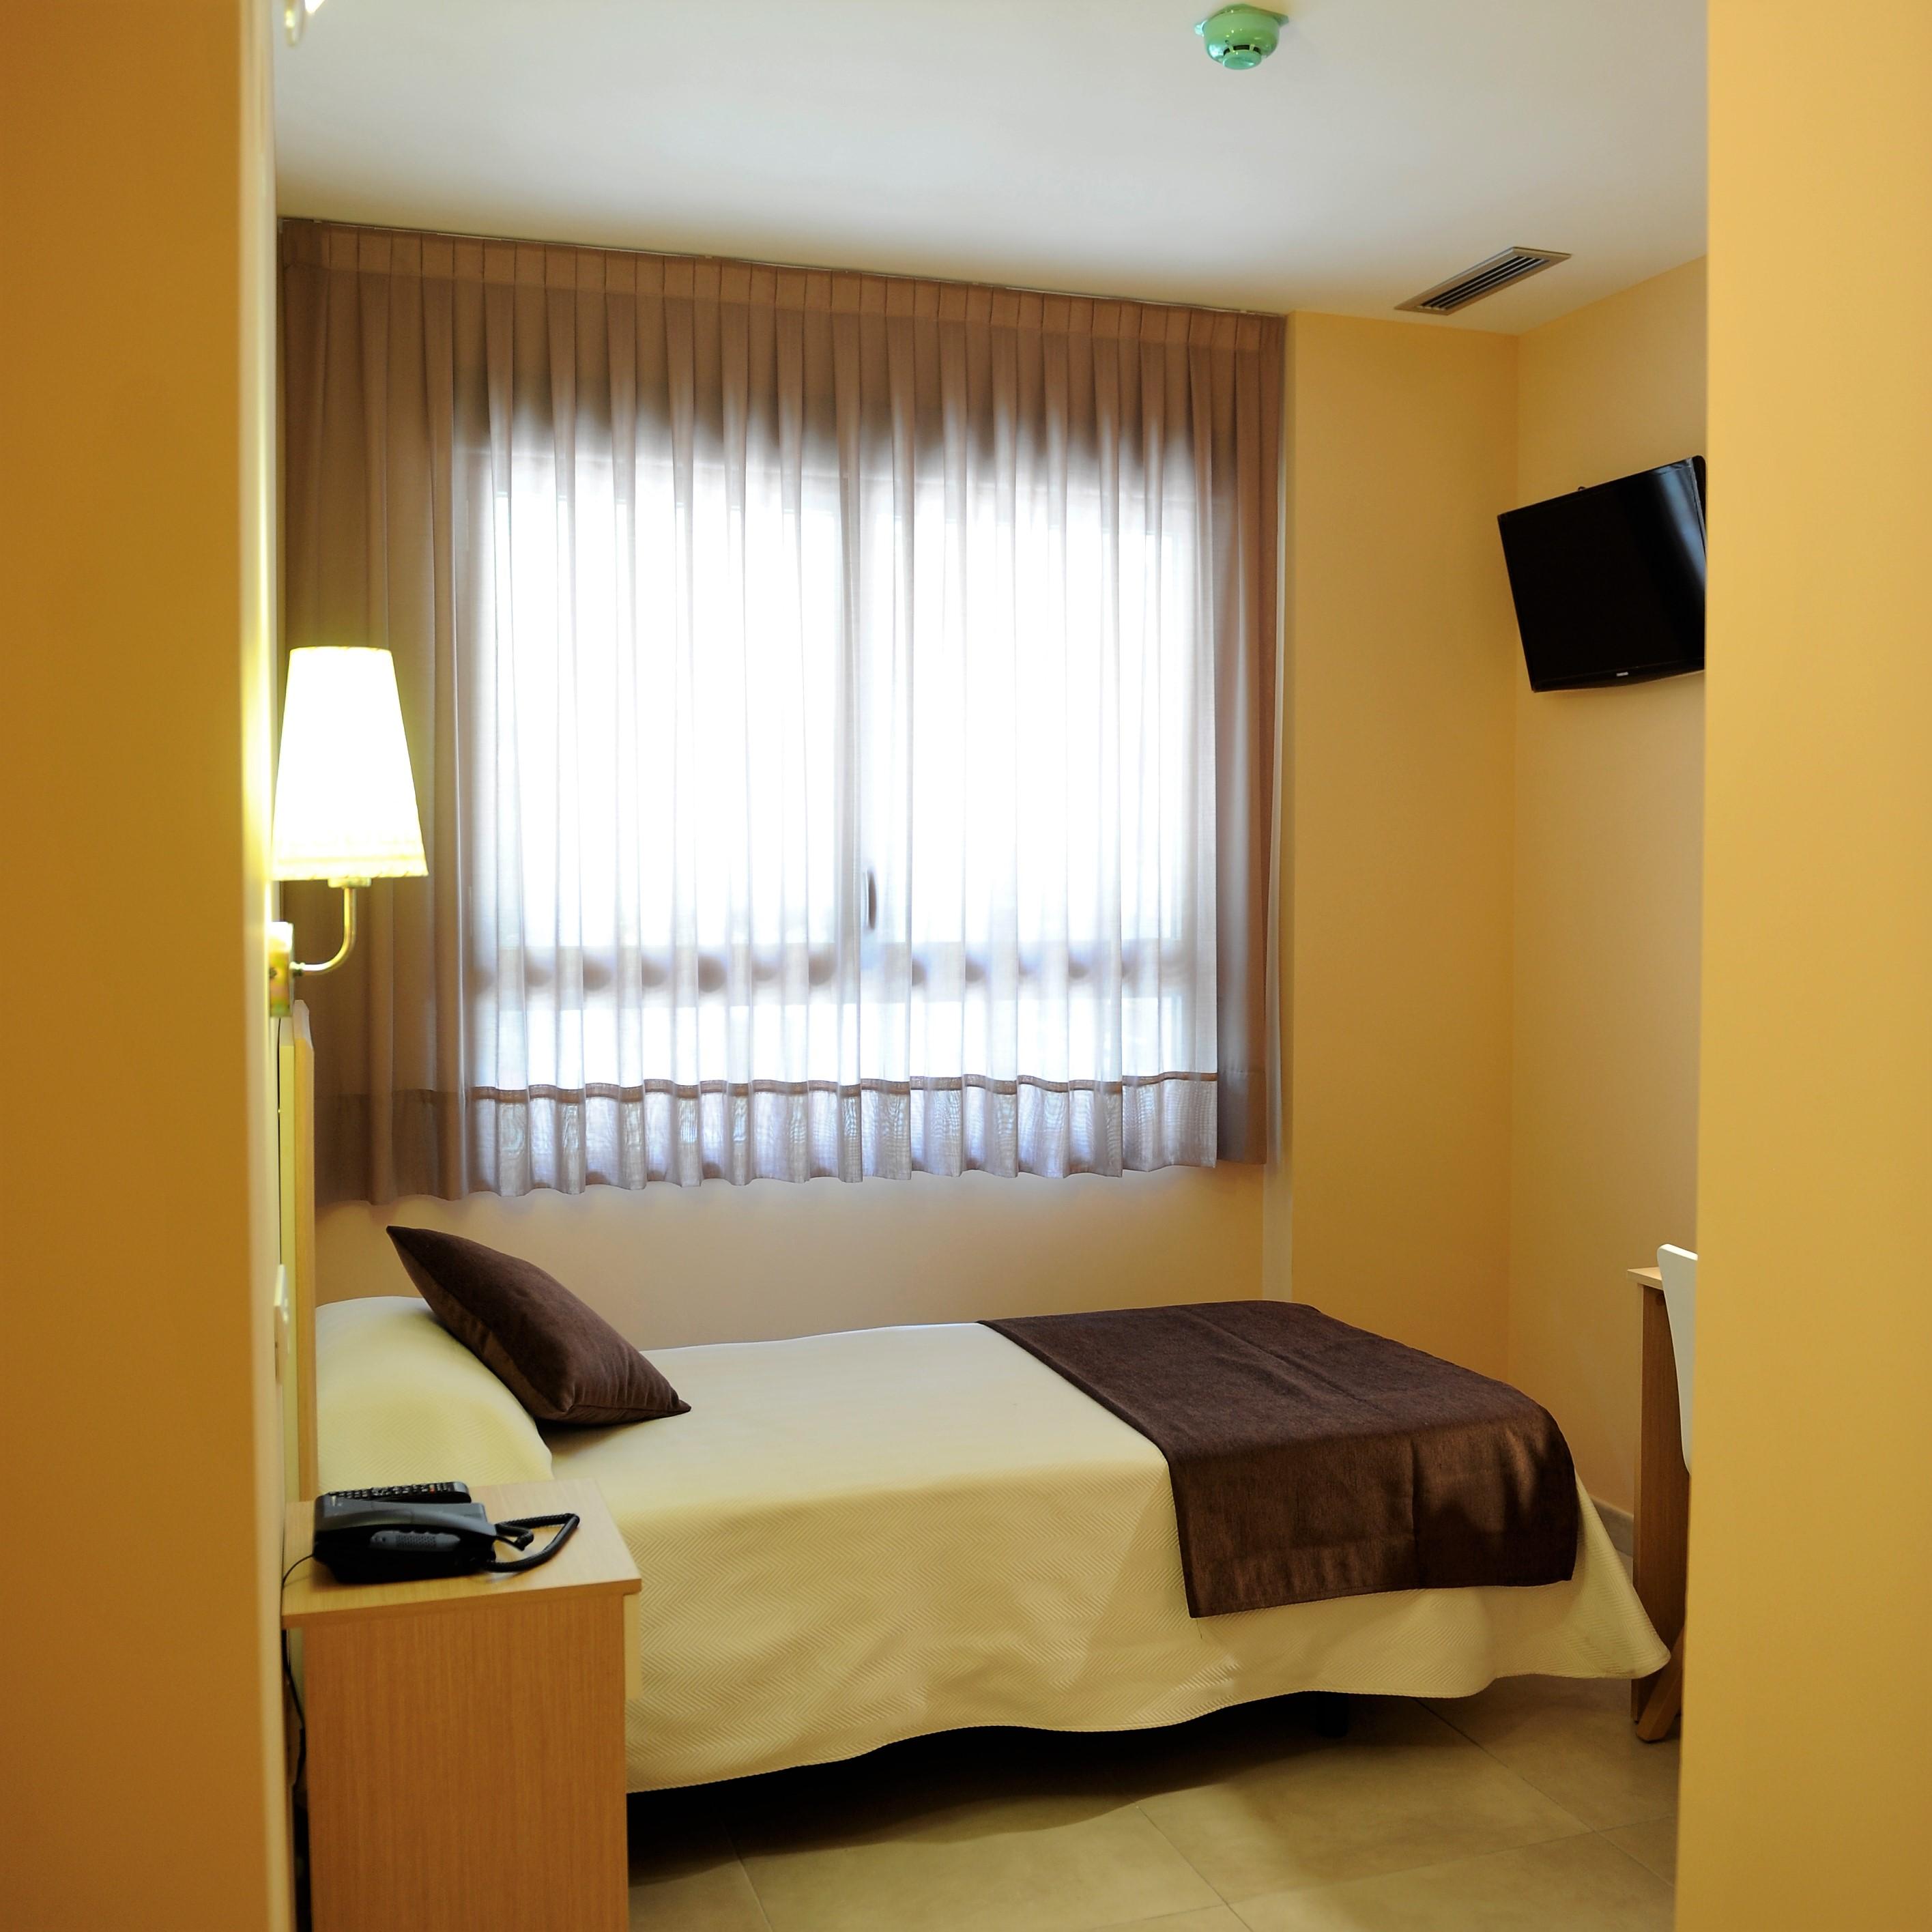 Hotel La City Mercado- APHA - Asociación de Hoteles y Alojamientos turísticos de la Provincia de Alicante